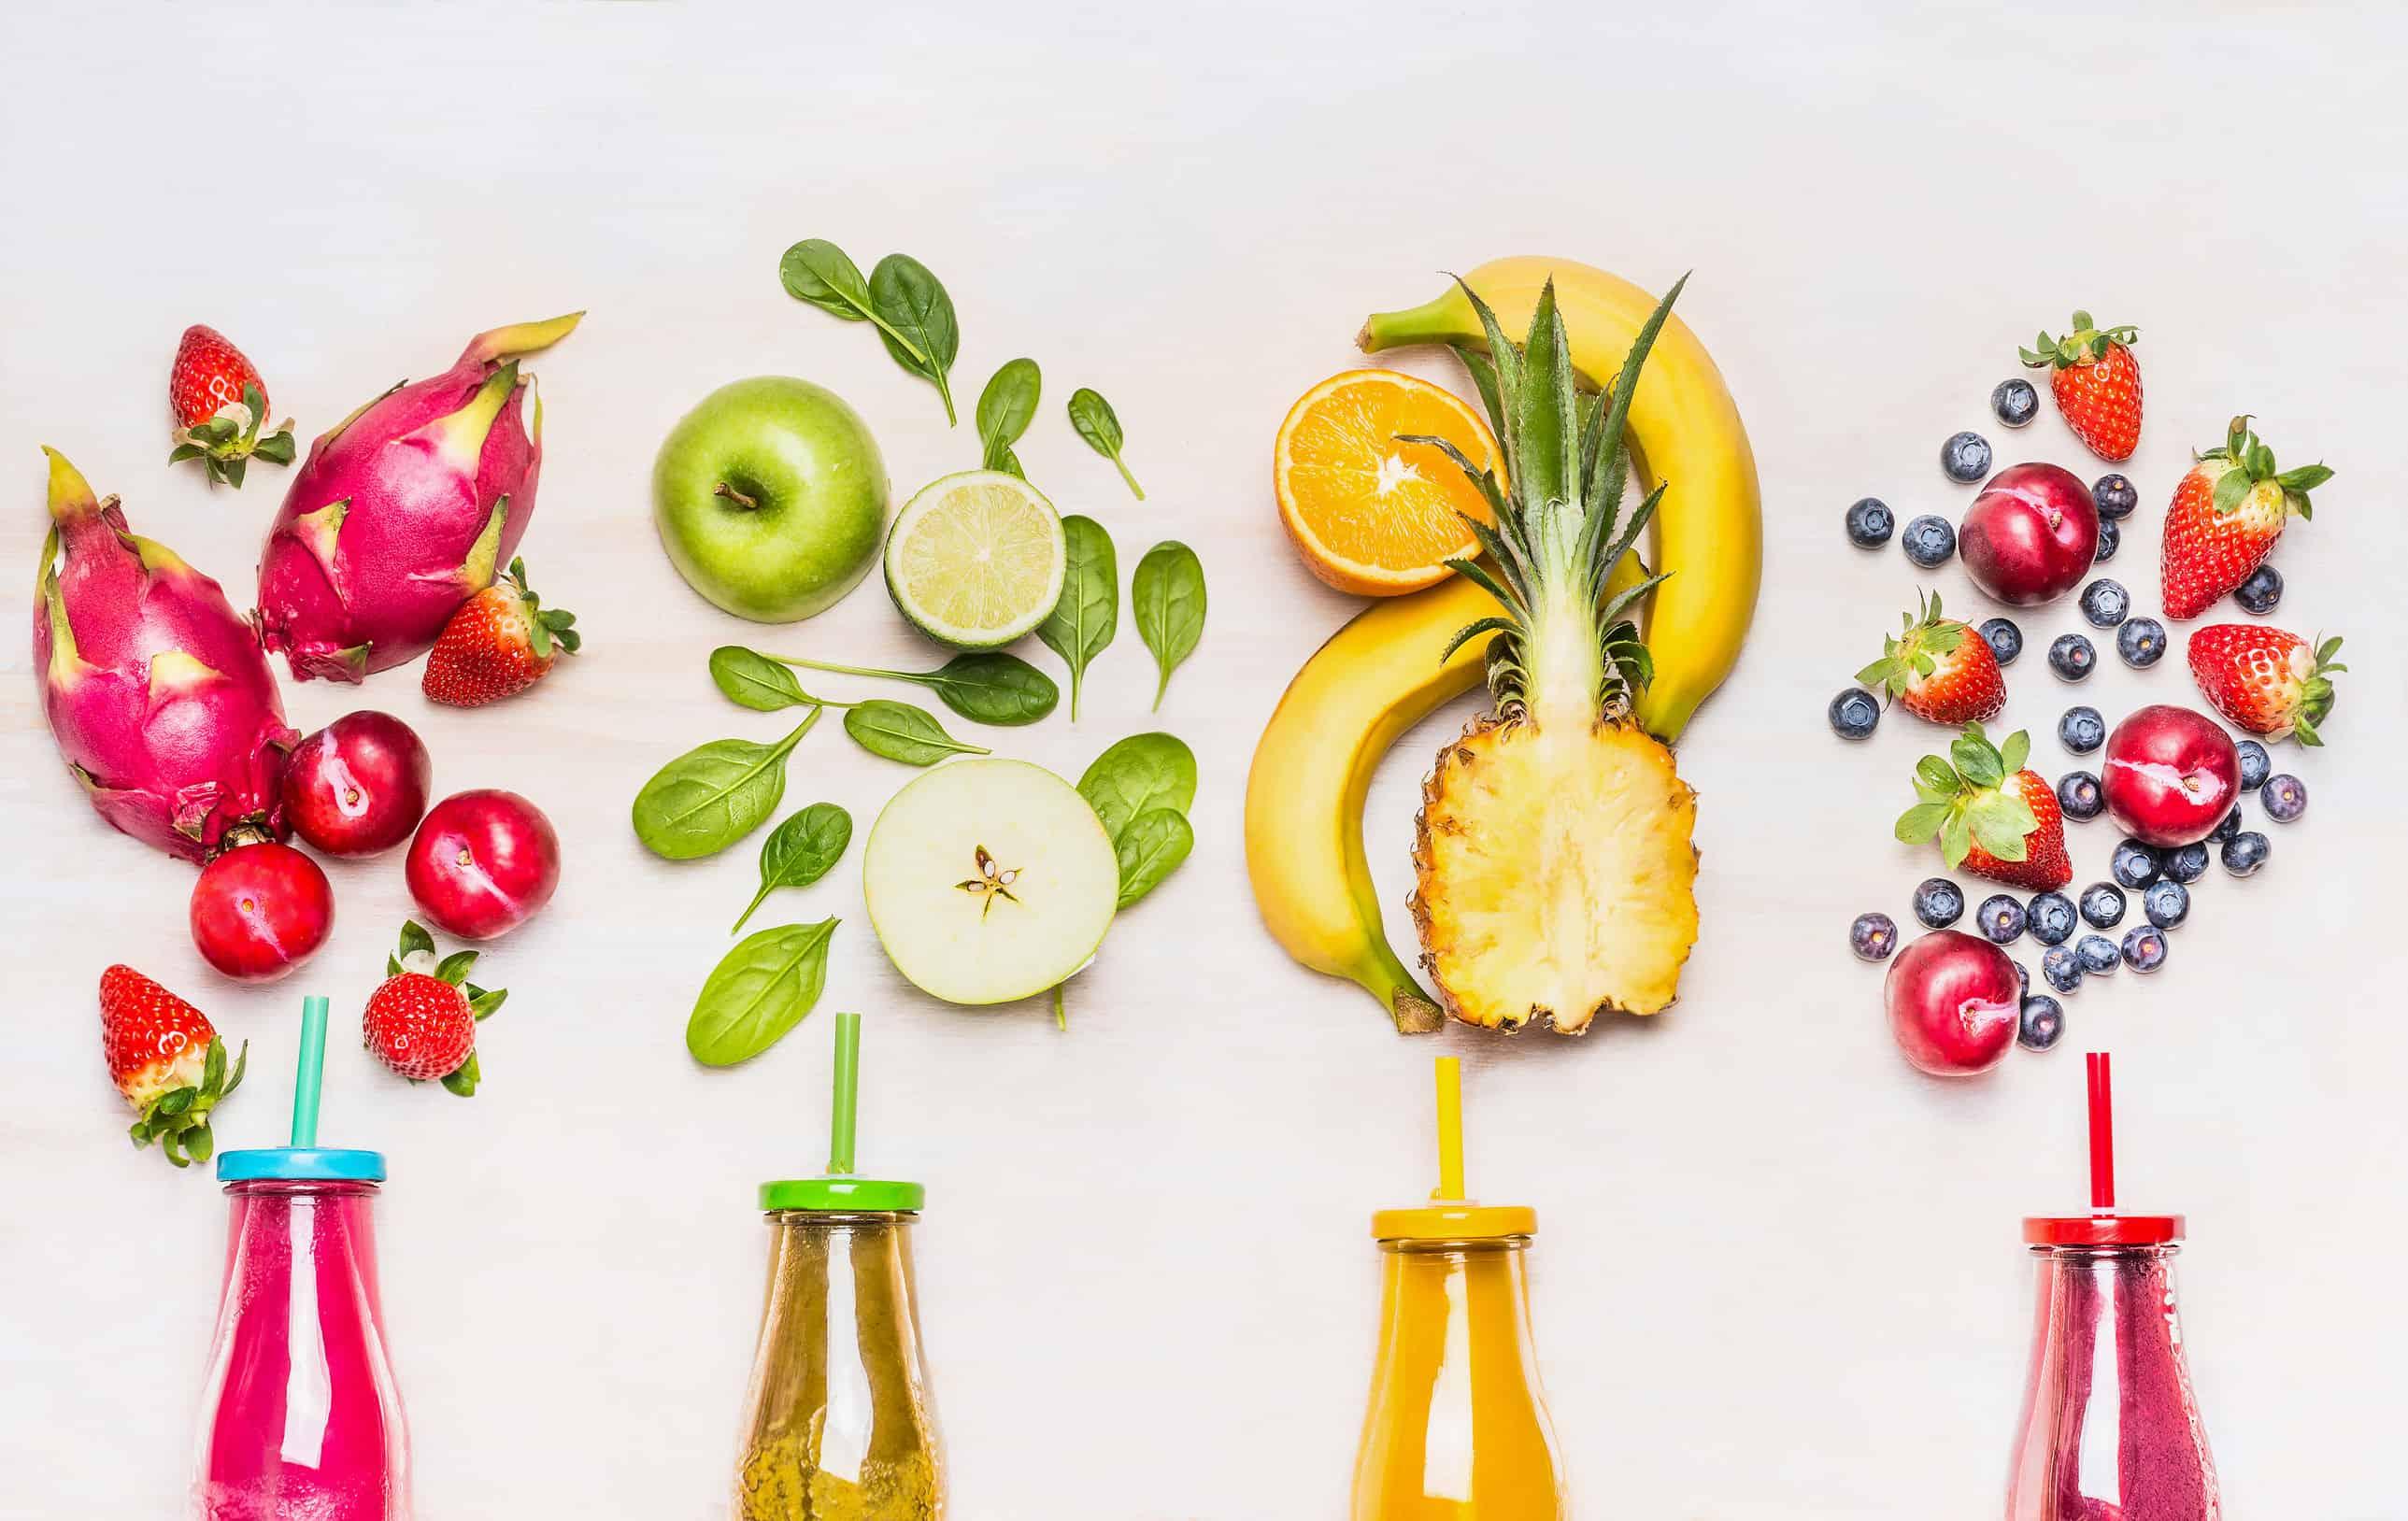 4 Flaschen mit Smoothie und Obst